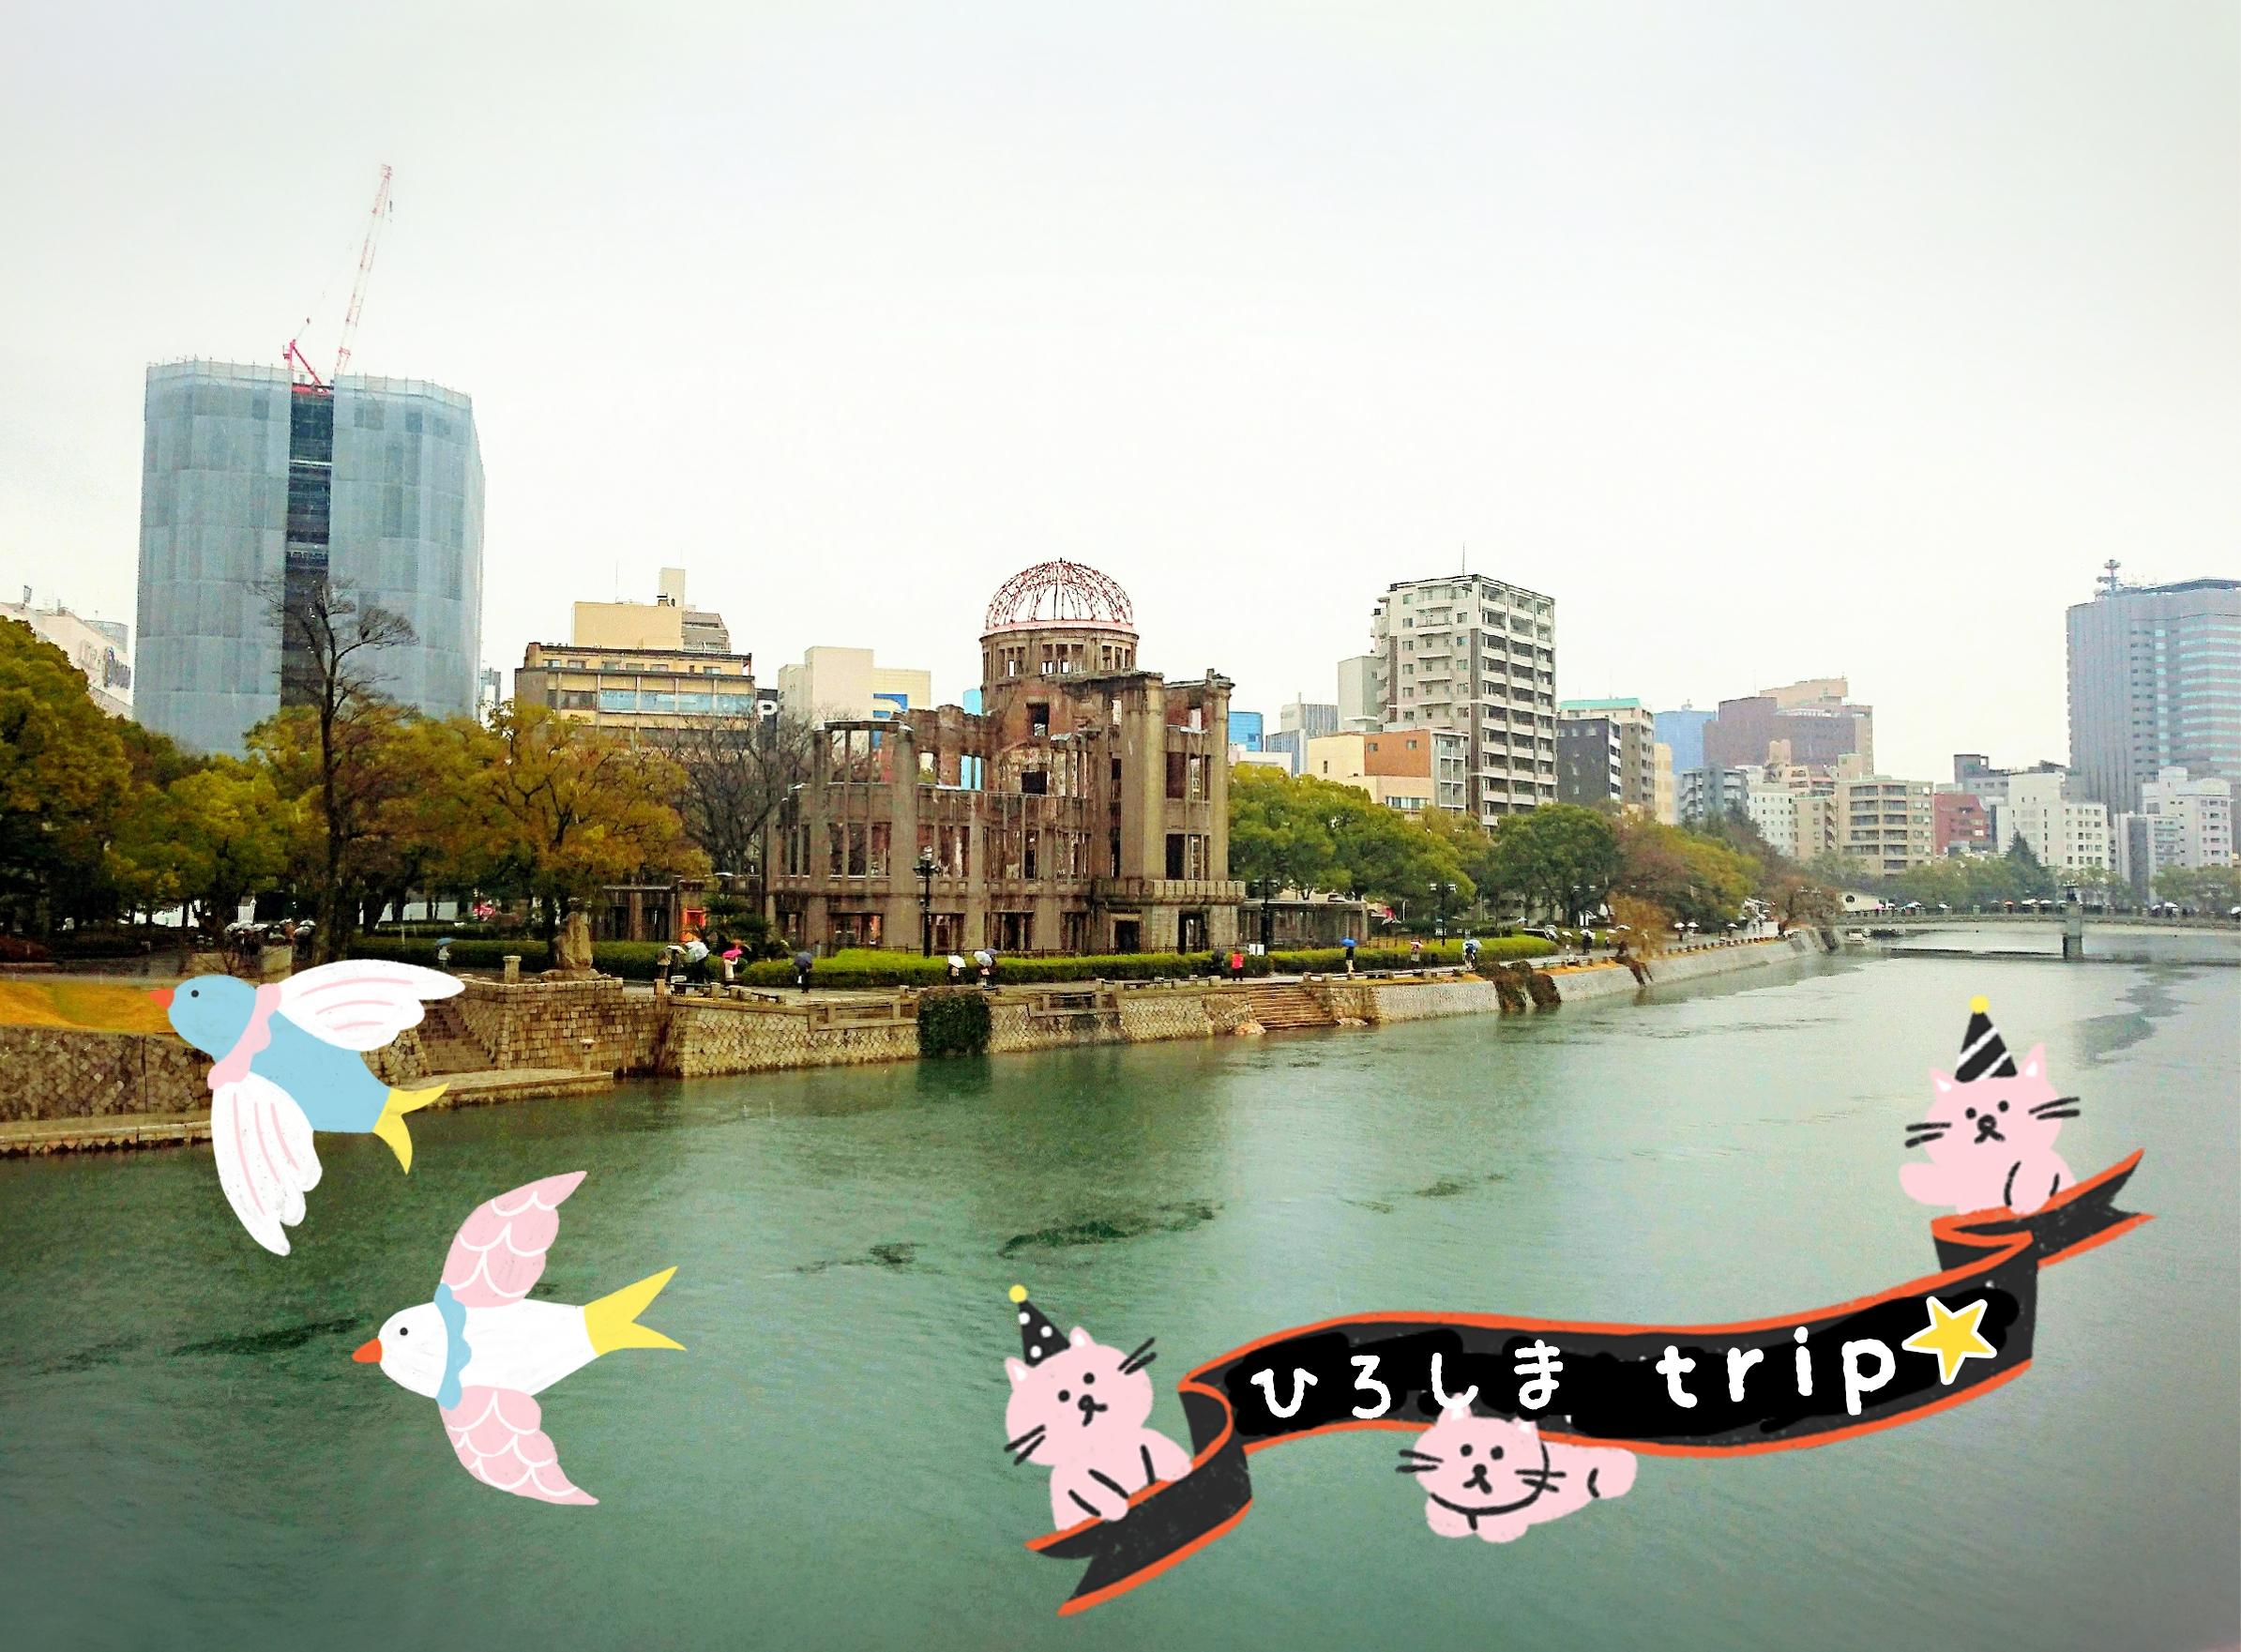 【春の旅】お好み焼きだけじゃない!広島グルメを召し上がれ♡